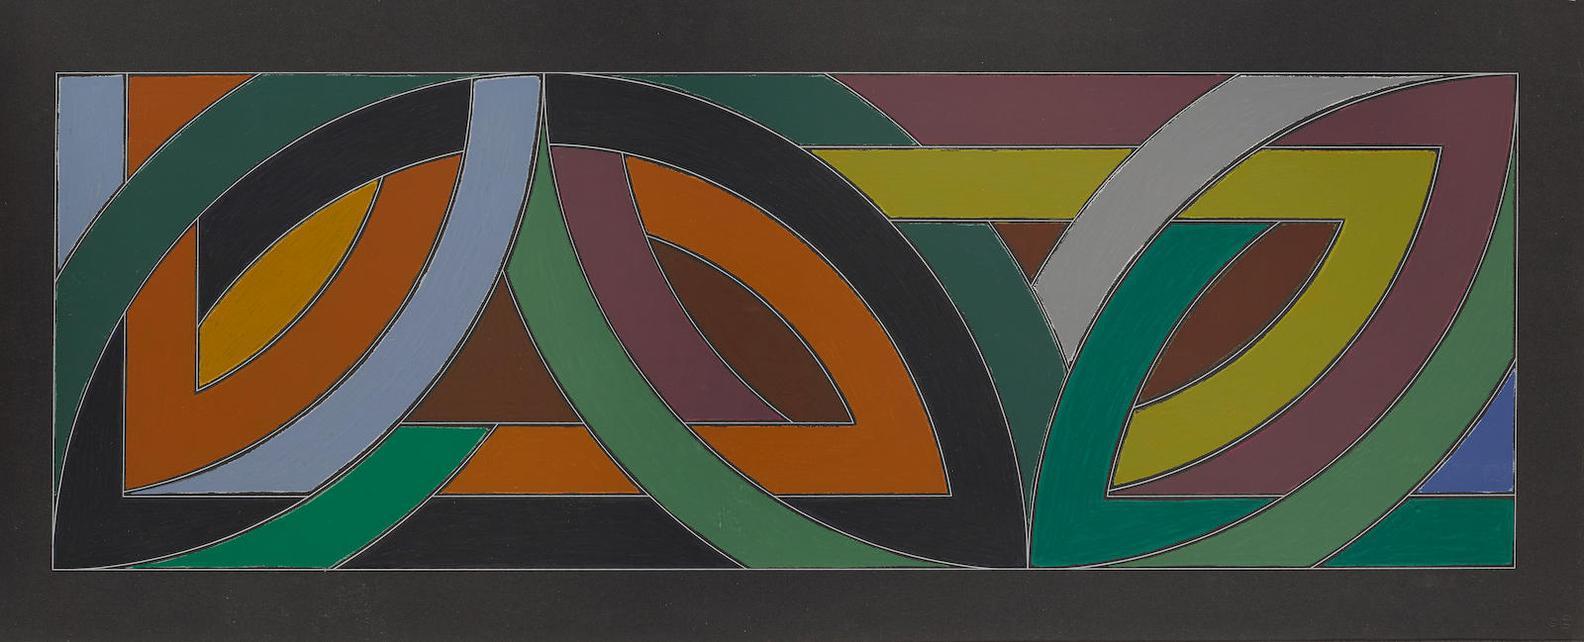 Frank Stella-York Factory II (A.94; G. 567)-1974